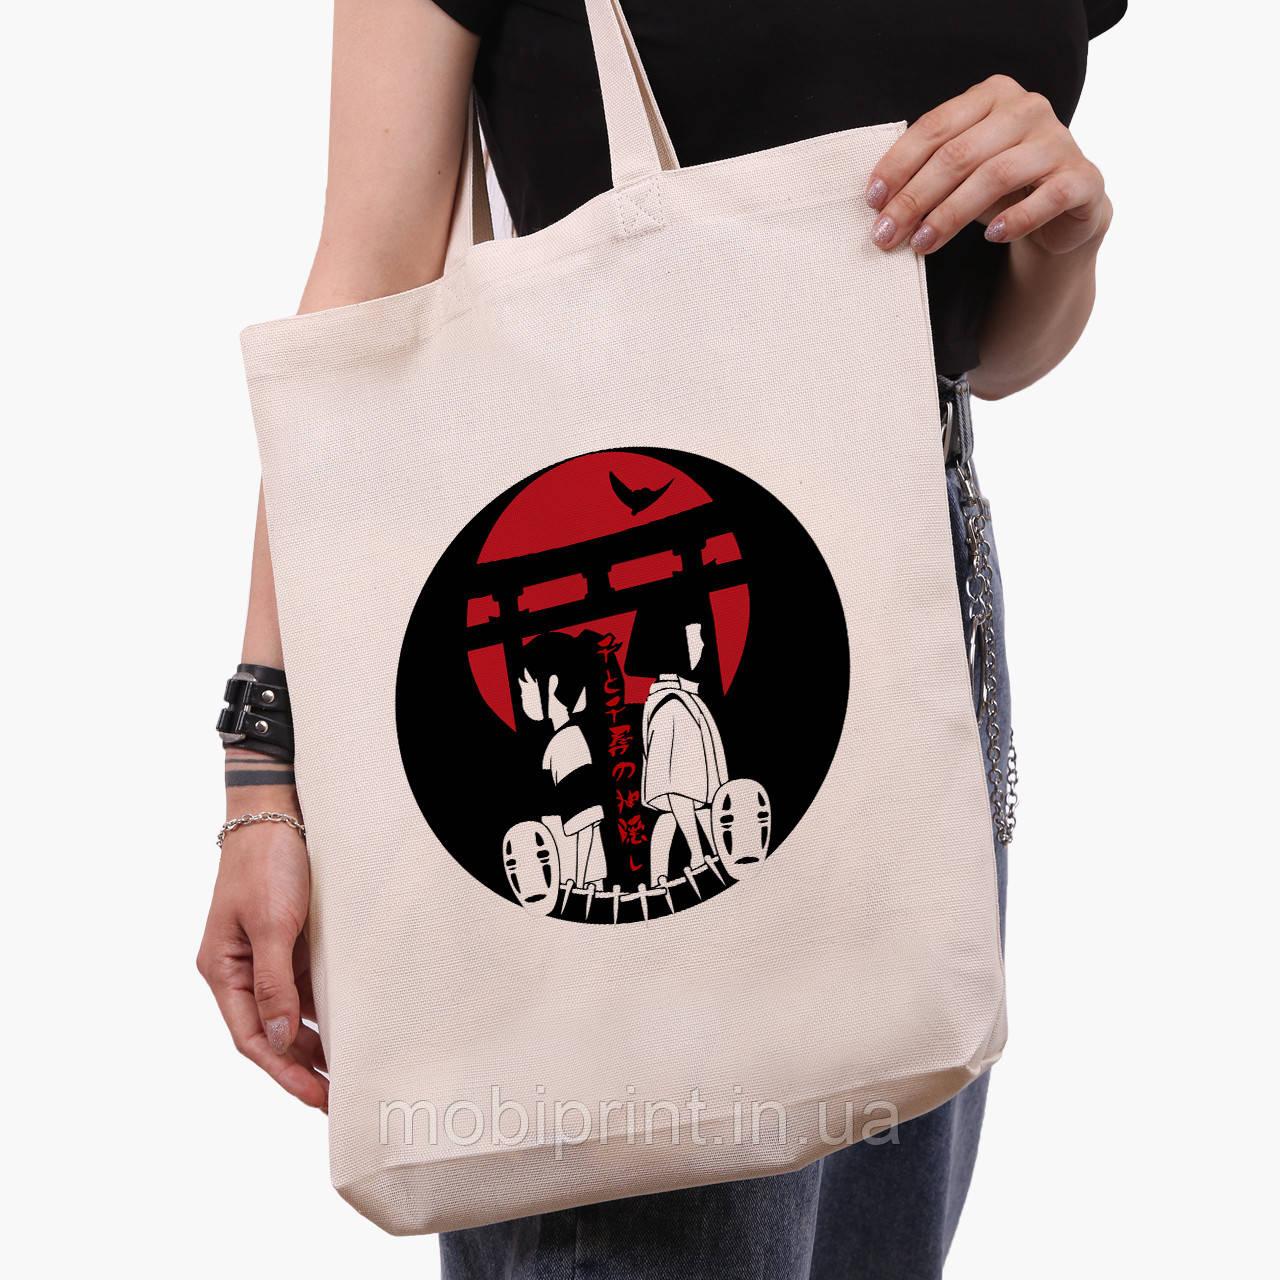 Эко сумка шоппер белая Тихиро Огино Сэн и Хаку Унесённые призраками (Spirited Away) (9227-2649-1)  41*39*8 см